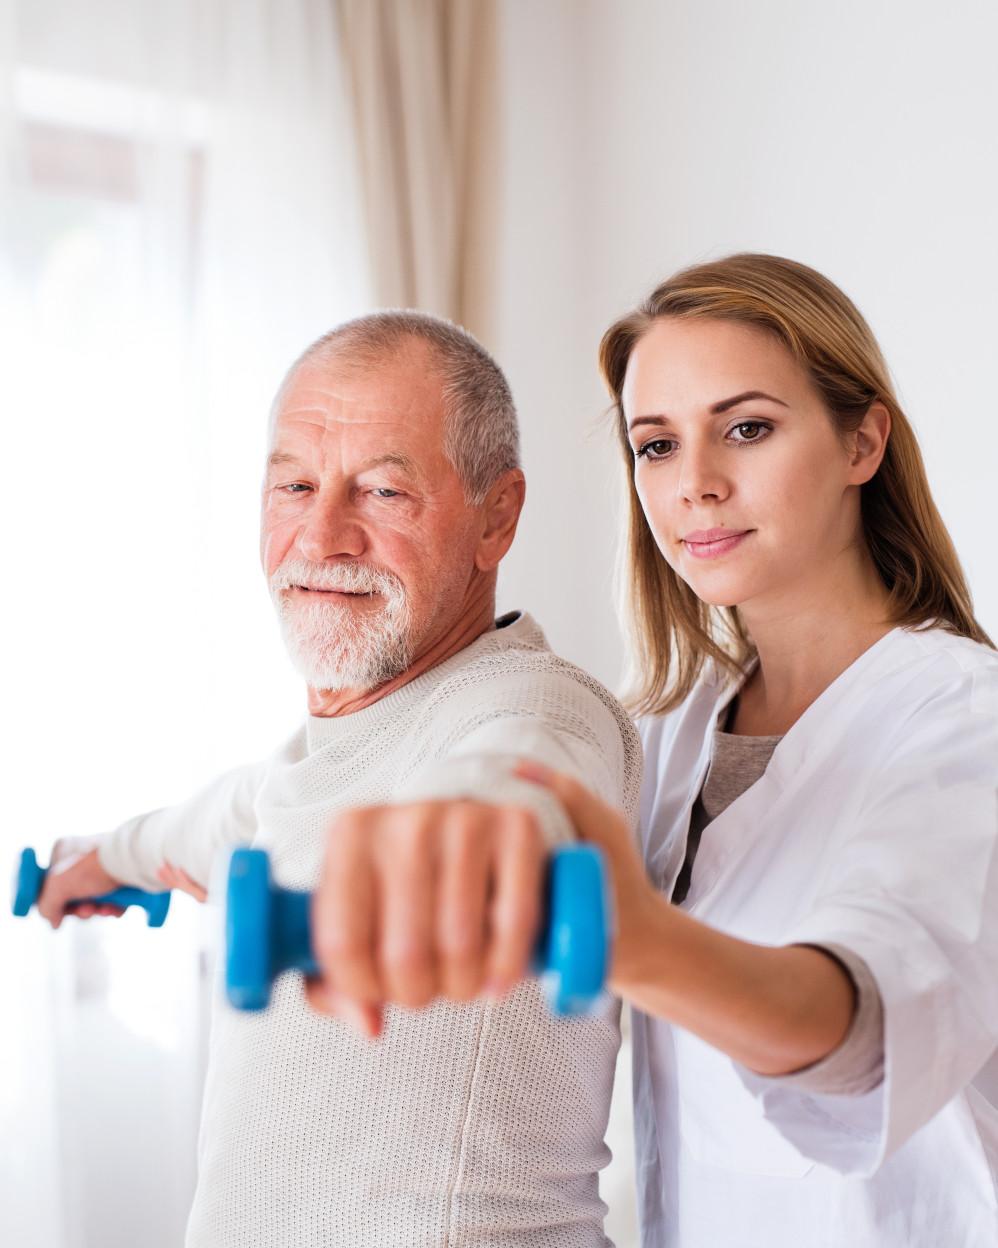 uomo anziano durante terapia occupazionale con pesi